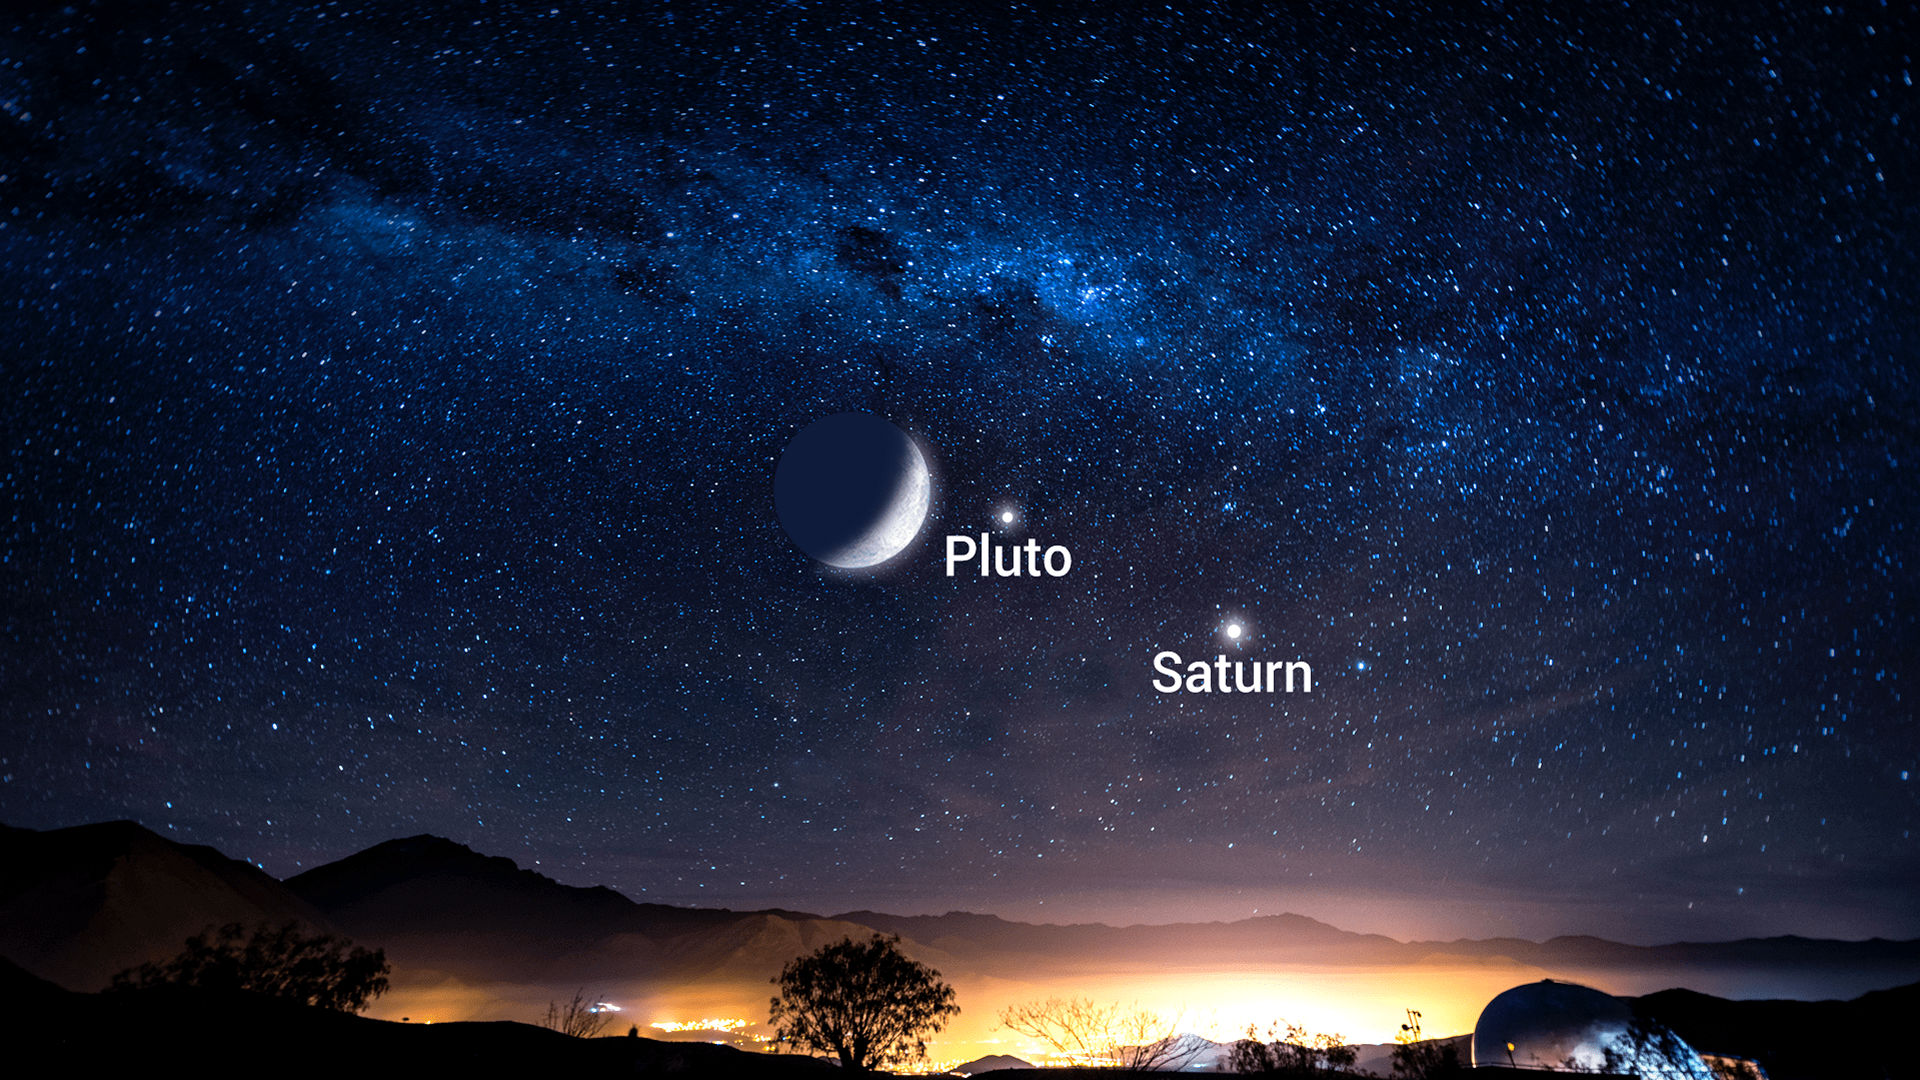 달, 토성 및 명왕성에 대한 접근